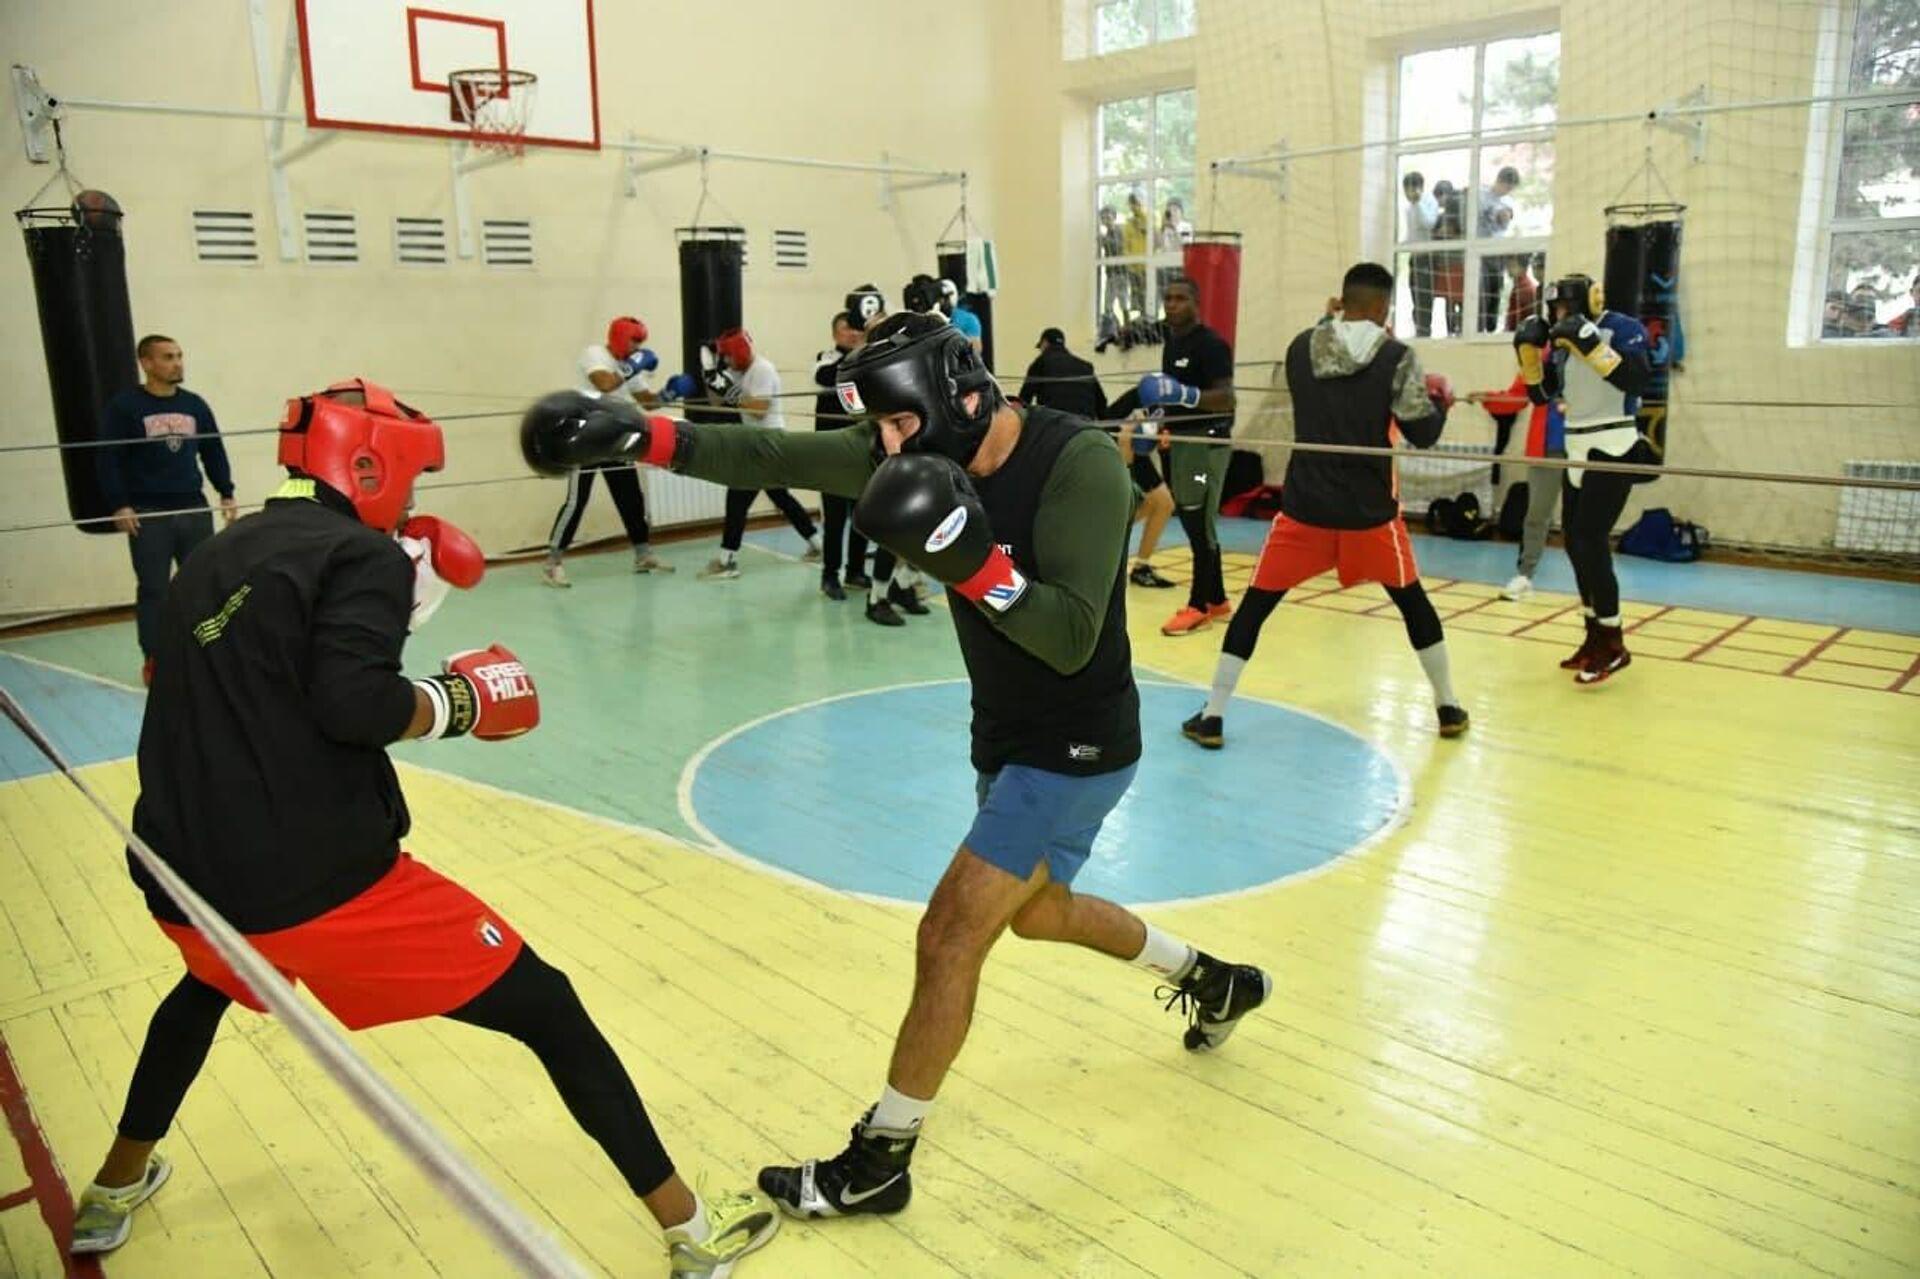 Первые спарринги между боксерами из Узбекистана и Кубы на базе Янгиабад в Ташобласти - Sputnik Узбекистан, 1920, 14.10.2021